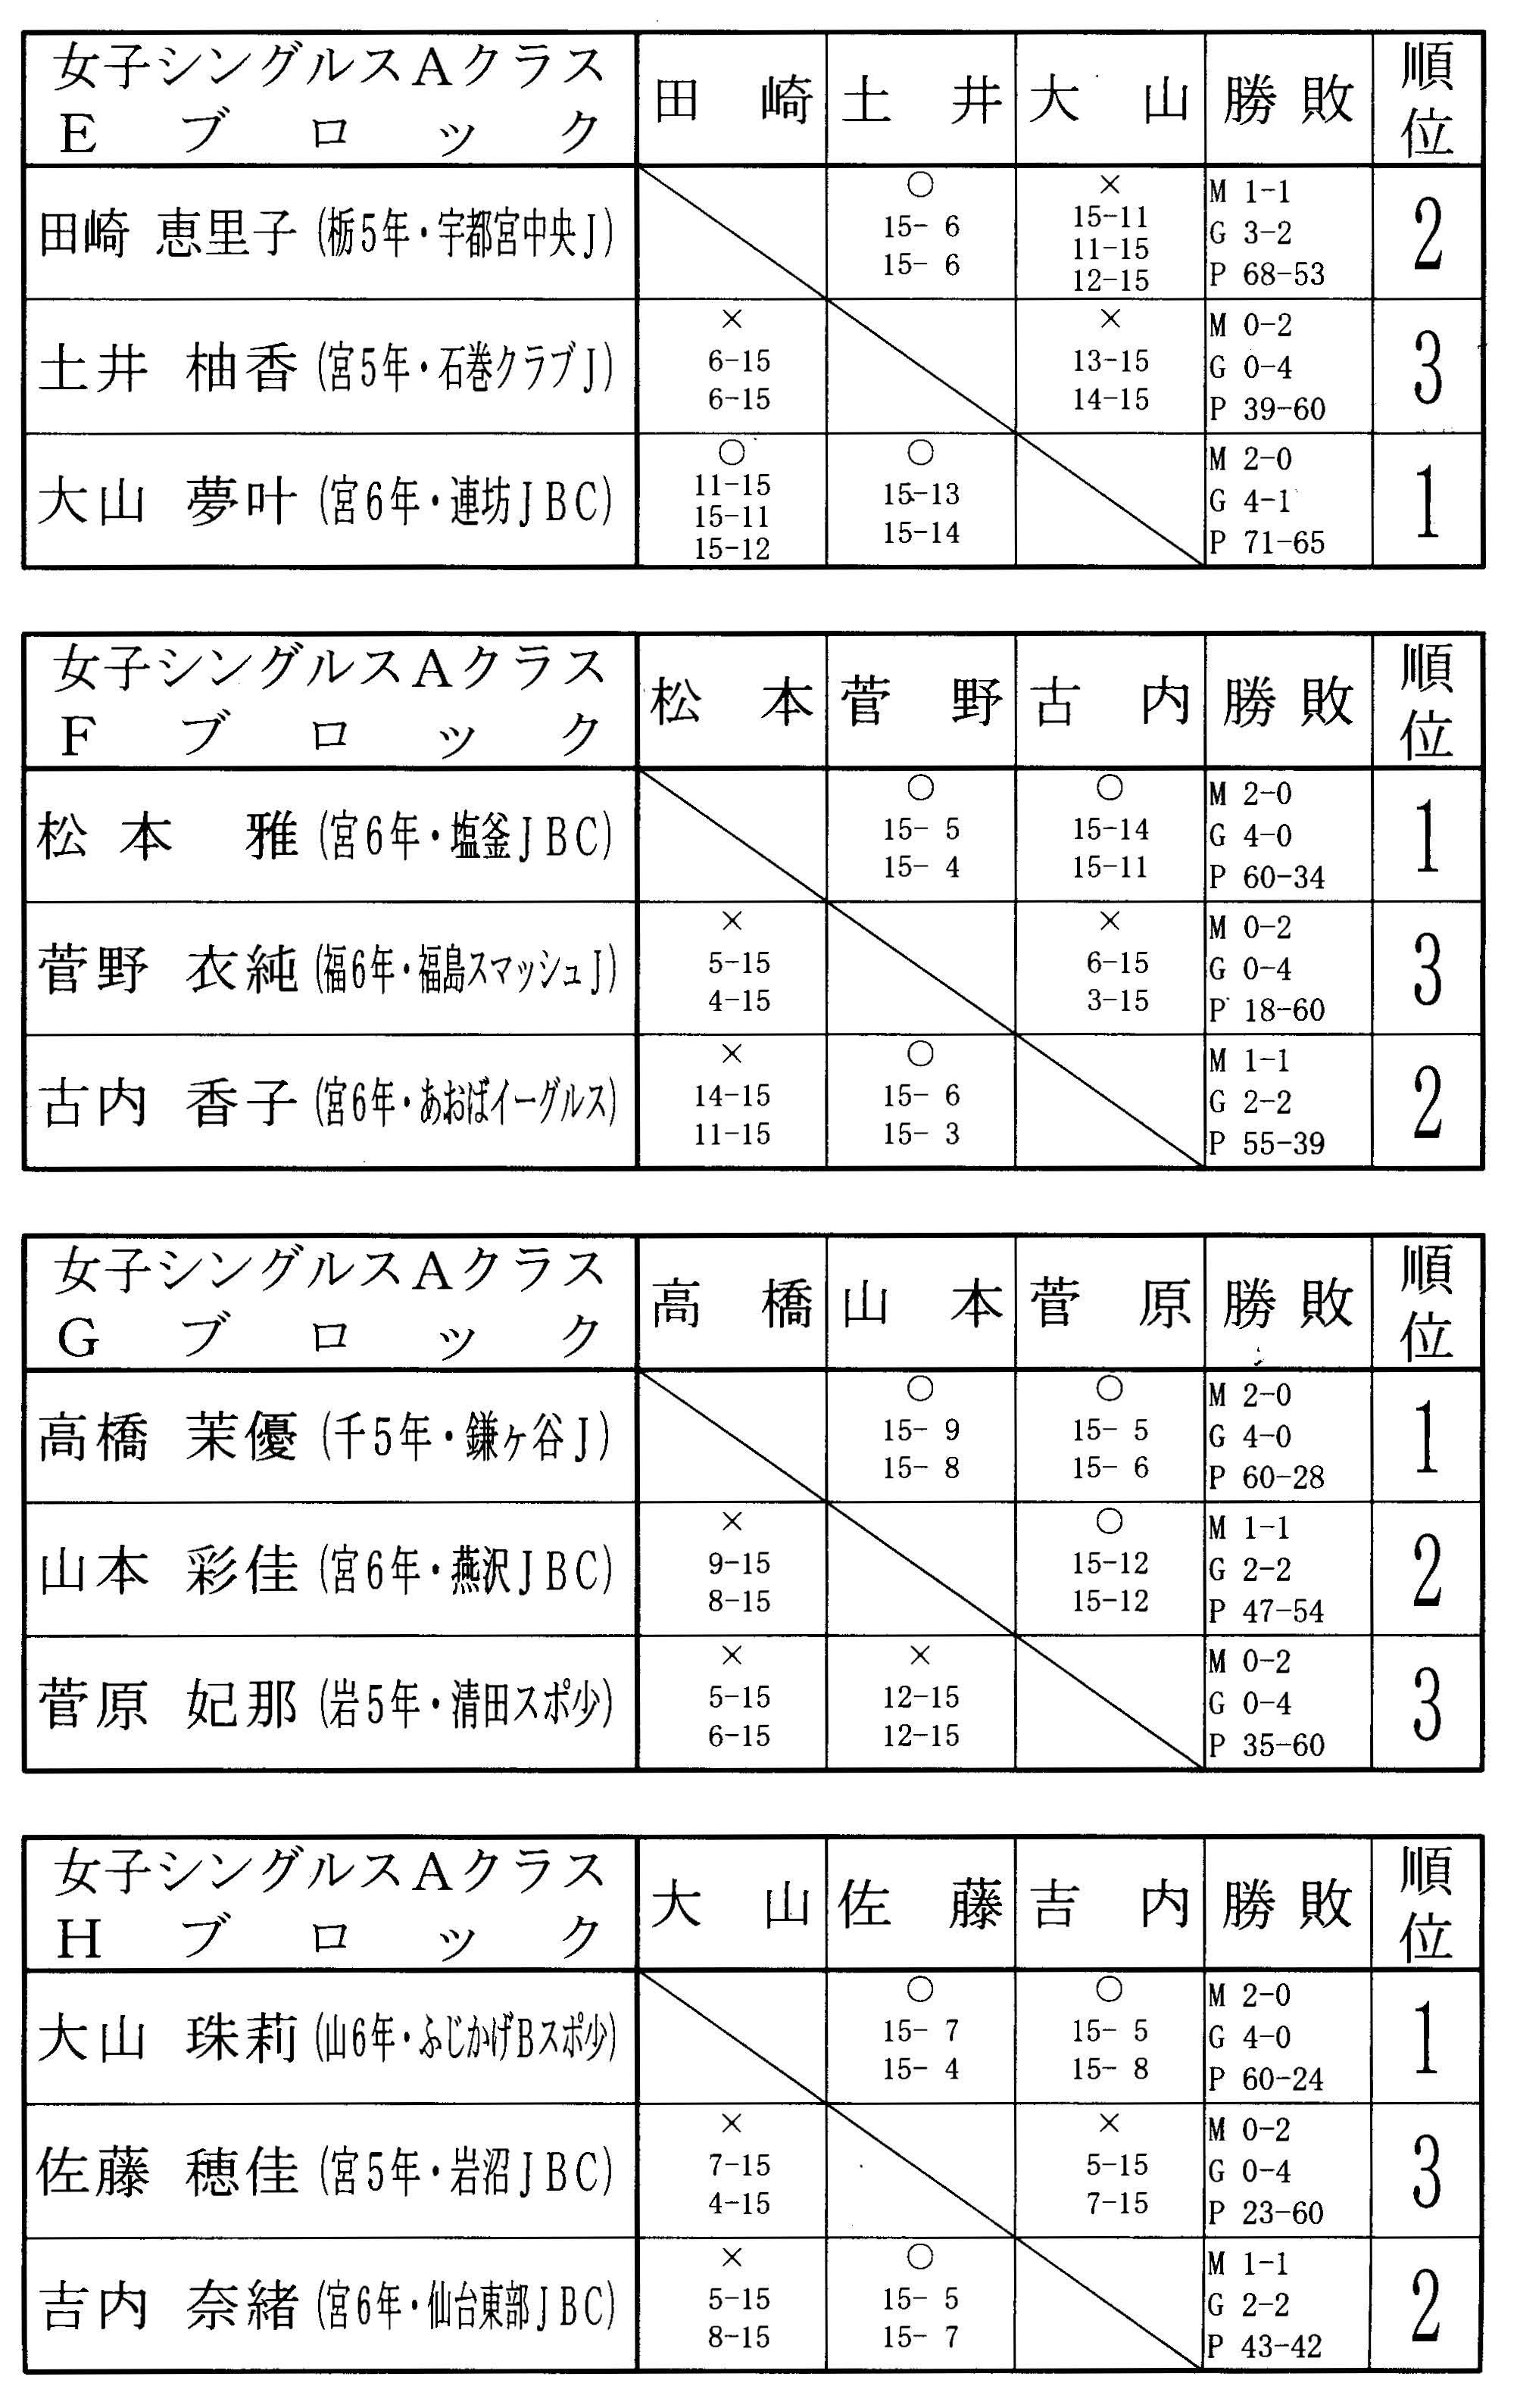 第9回タカハシ杯 結果女子シングルスAクラス_f0236646_15153730.jpg